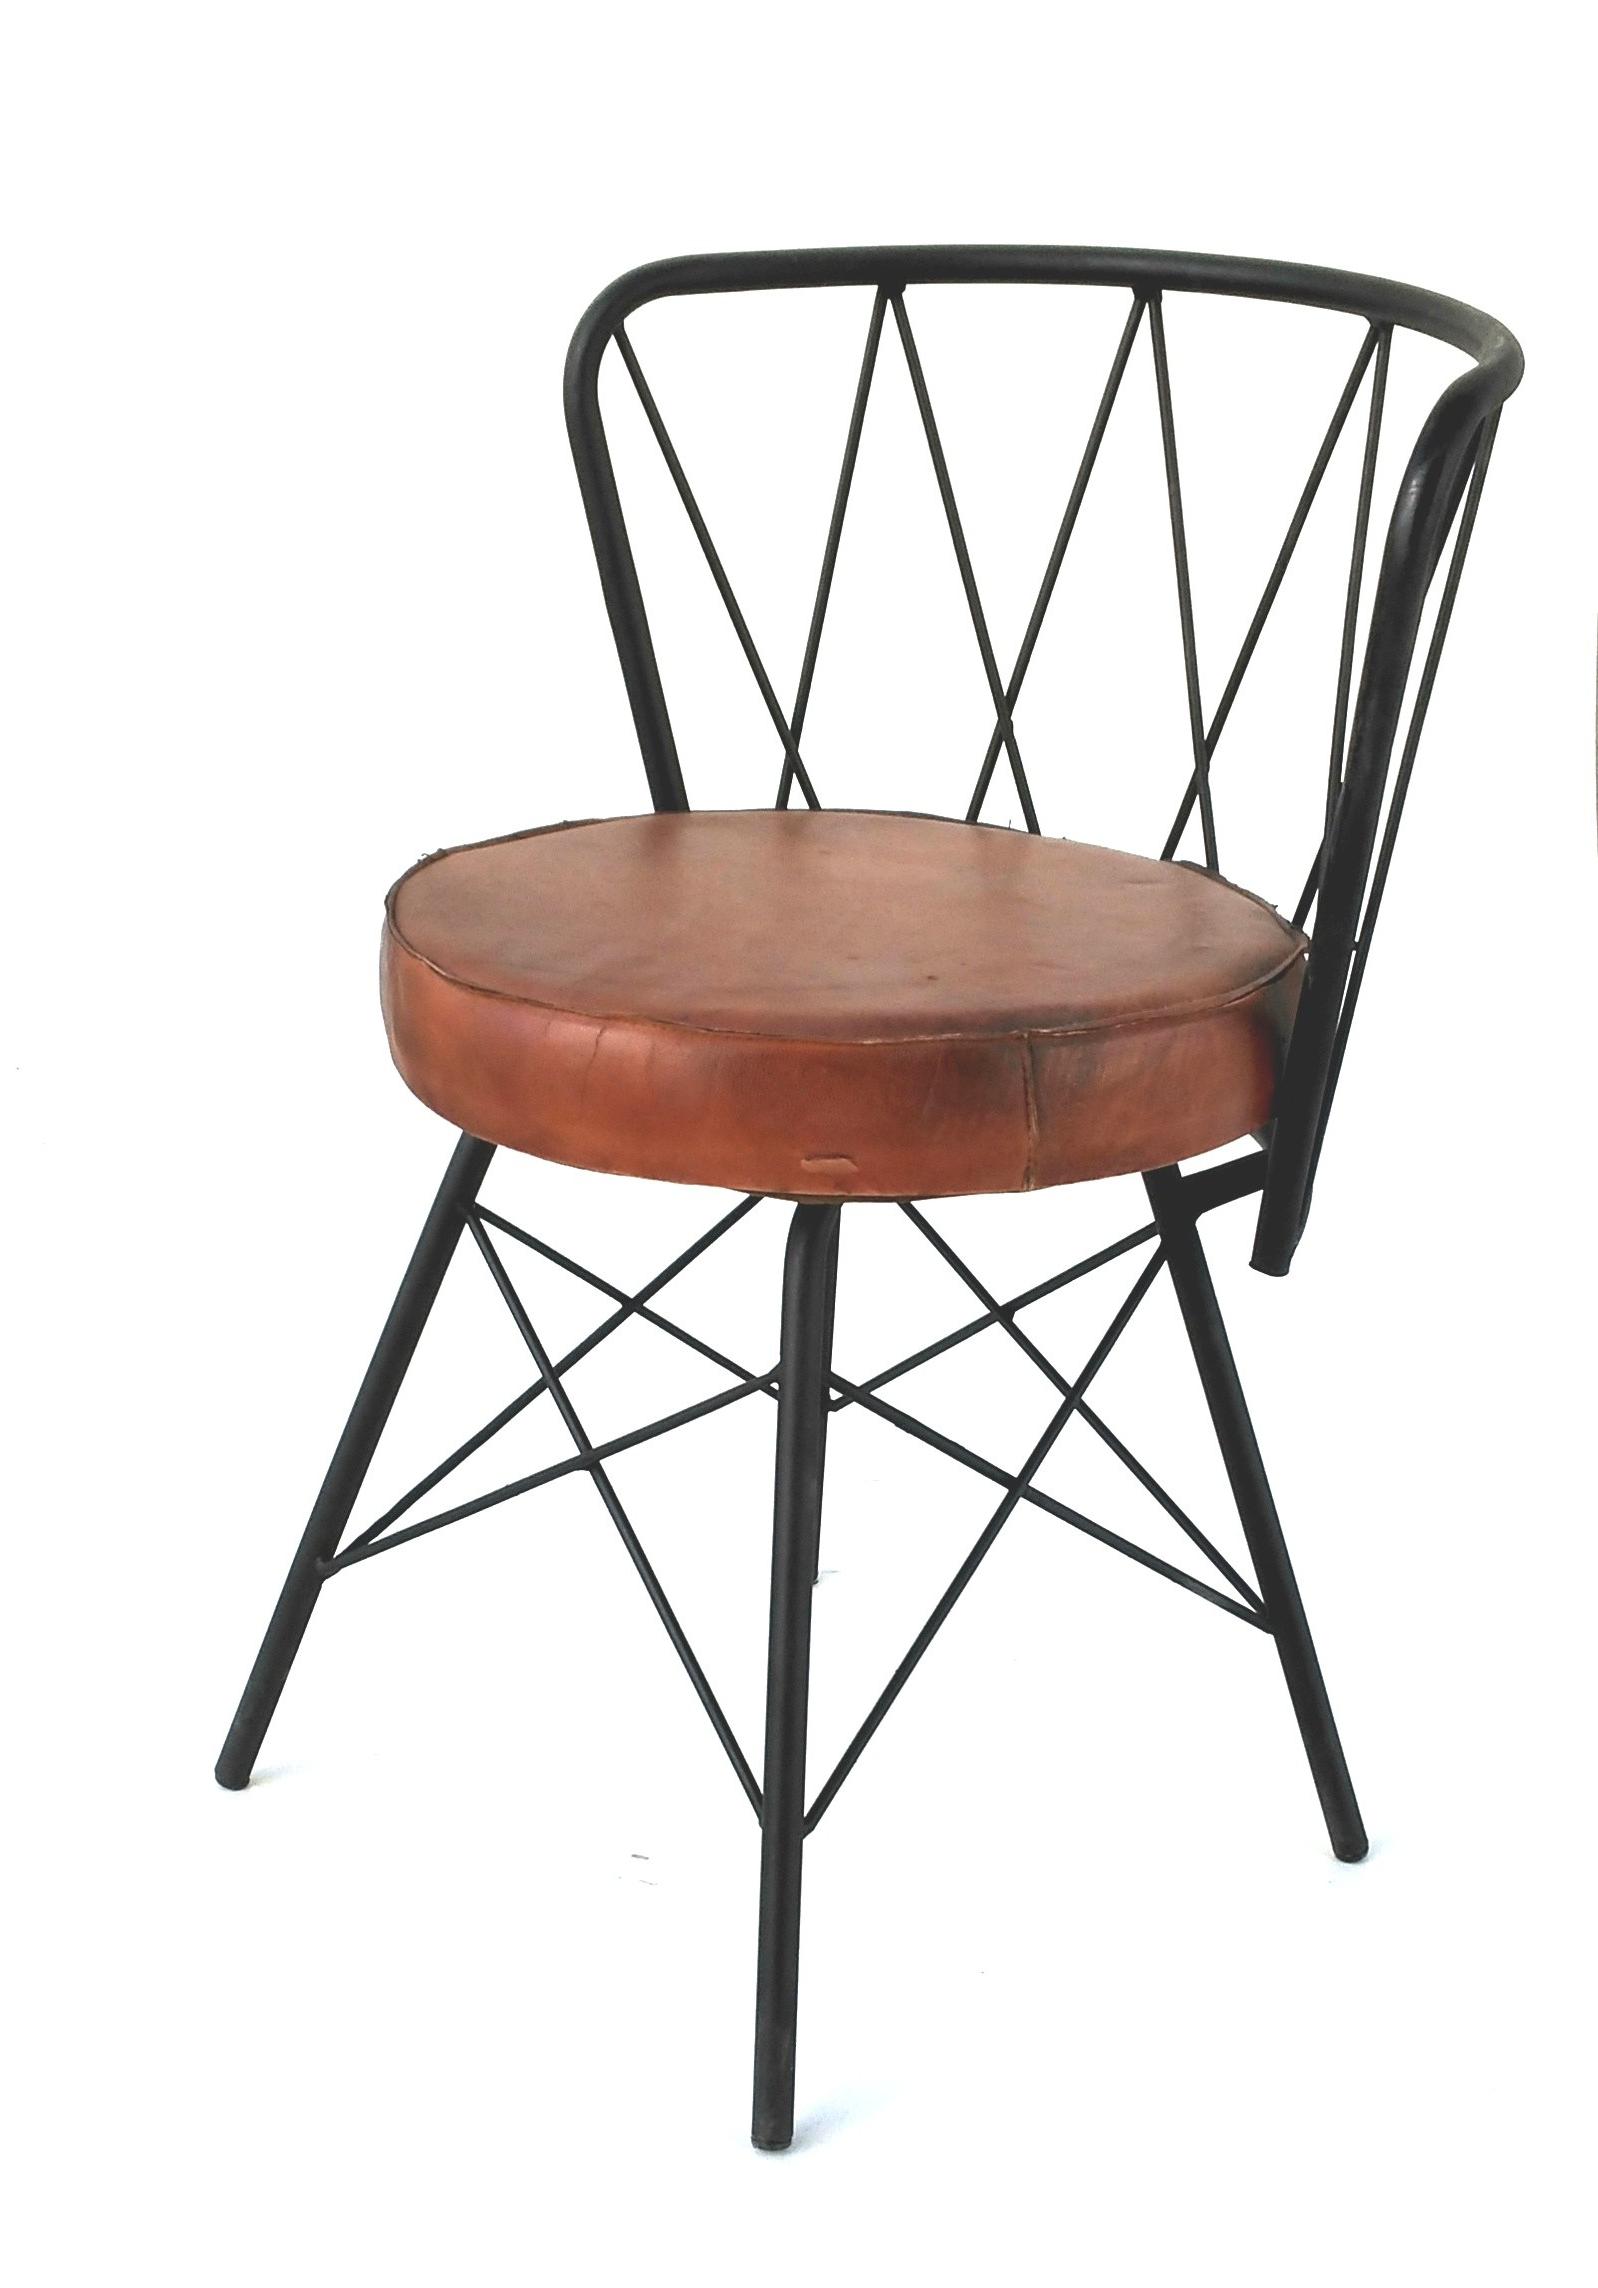 Sillas Industriales Thdr Sillas Vintage Circus Industrial Fabricada En Hierro Y Cuero Tapizada